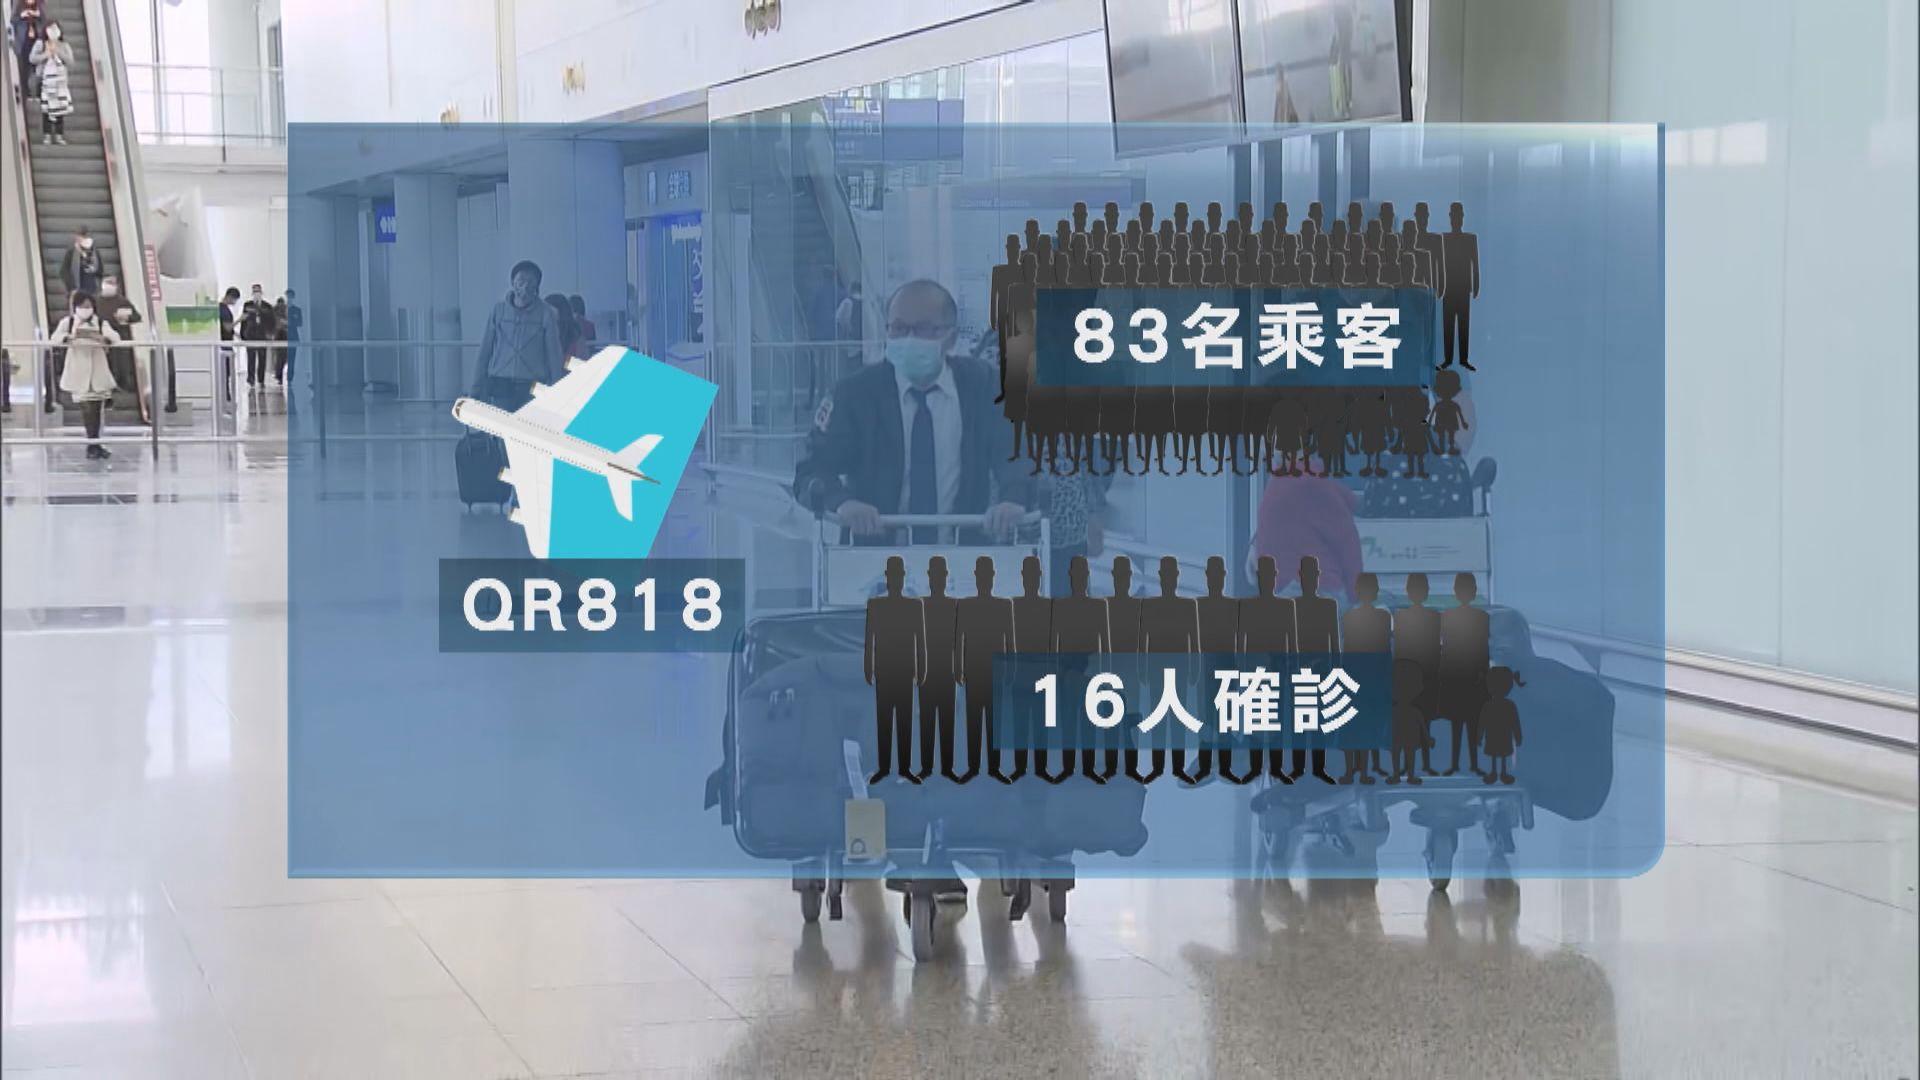 QR818航機有近兩成人確診 暫時確診比例最高航班